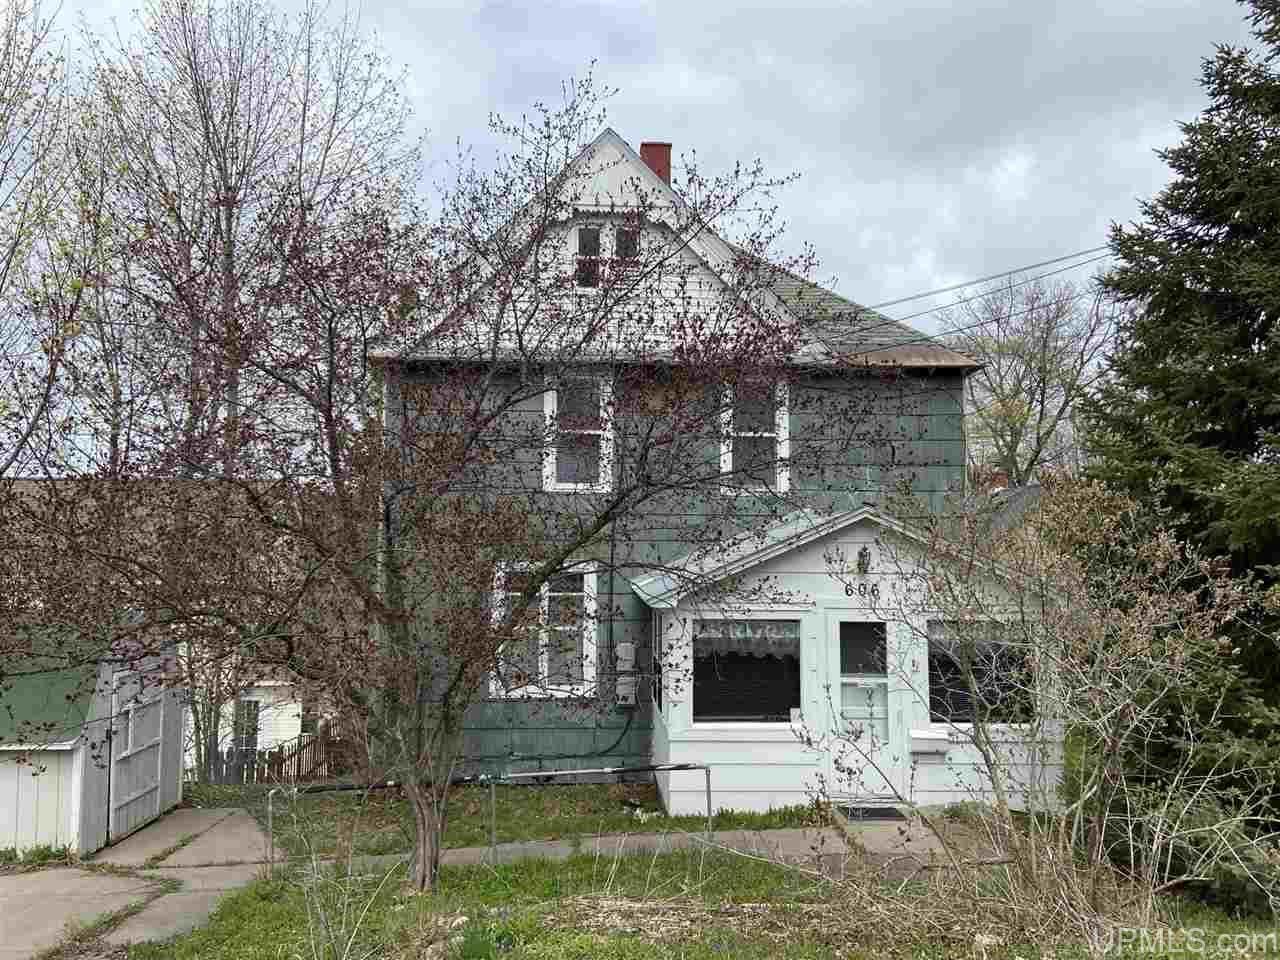 Photo of 606 W Edwards, Houghton, MI 49931 (MLS # 1126734)